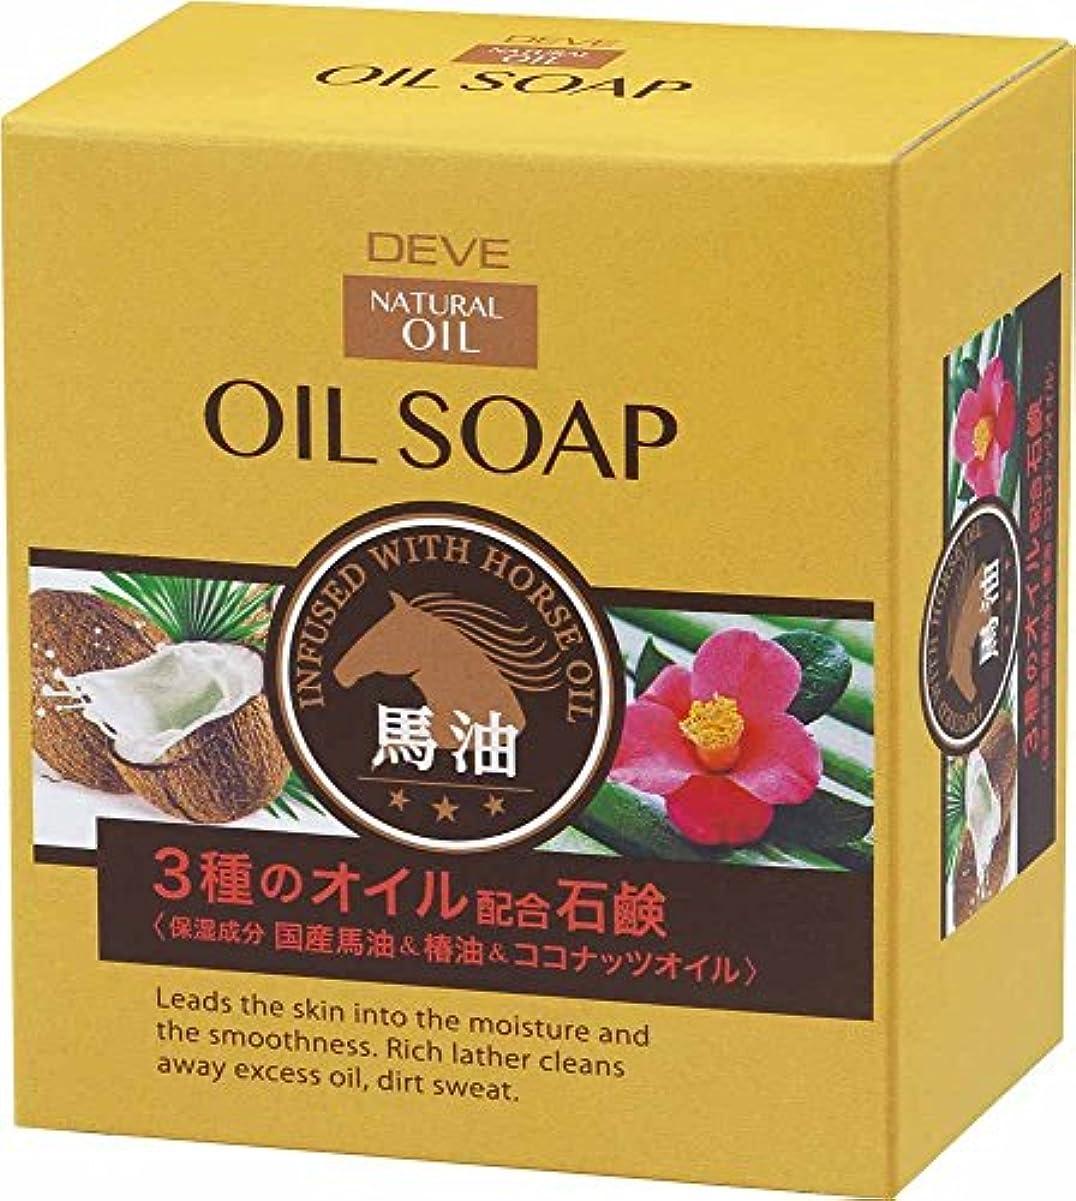 エコーグラス絞るディブ 3種のオイルせっけん(馬油?椿油?ココナッツオイル) 100g